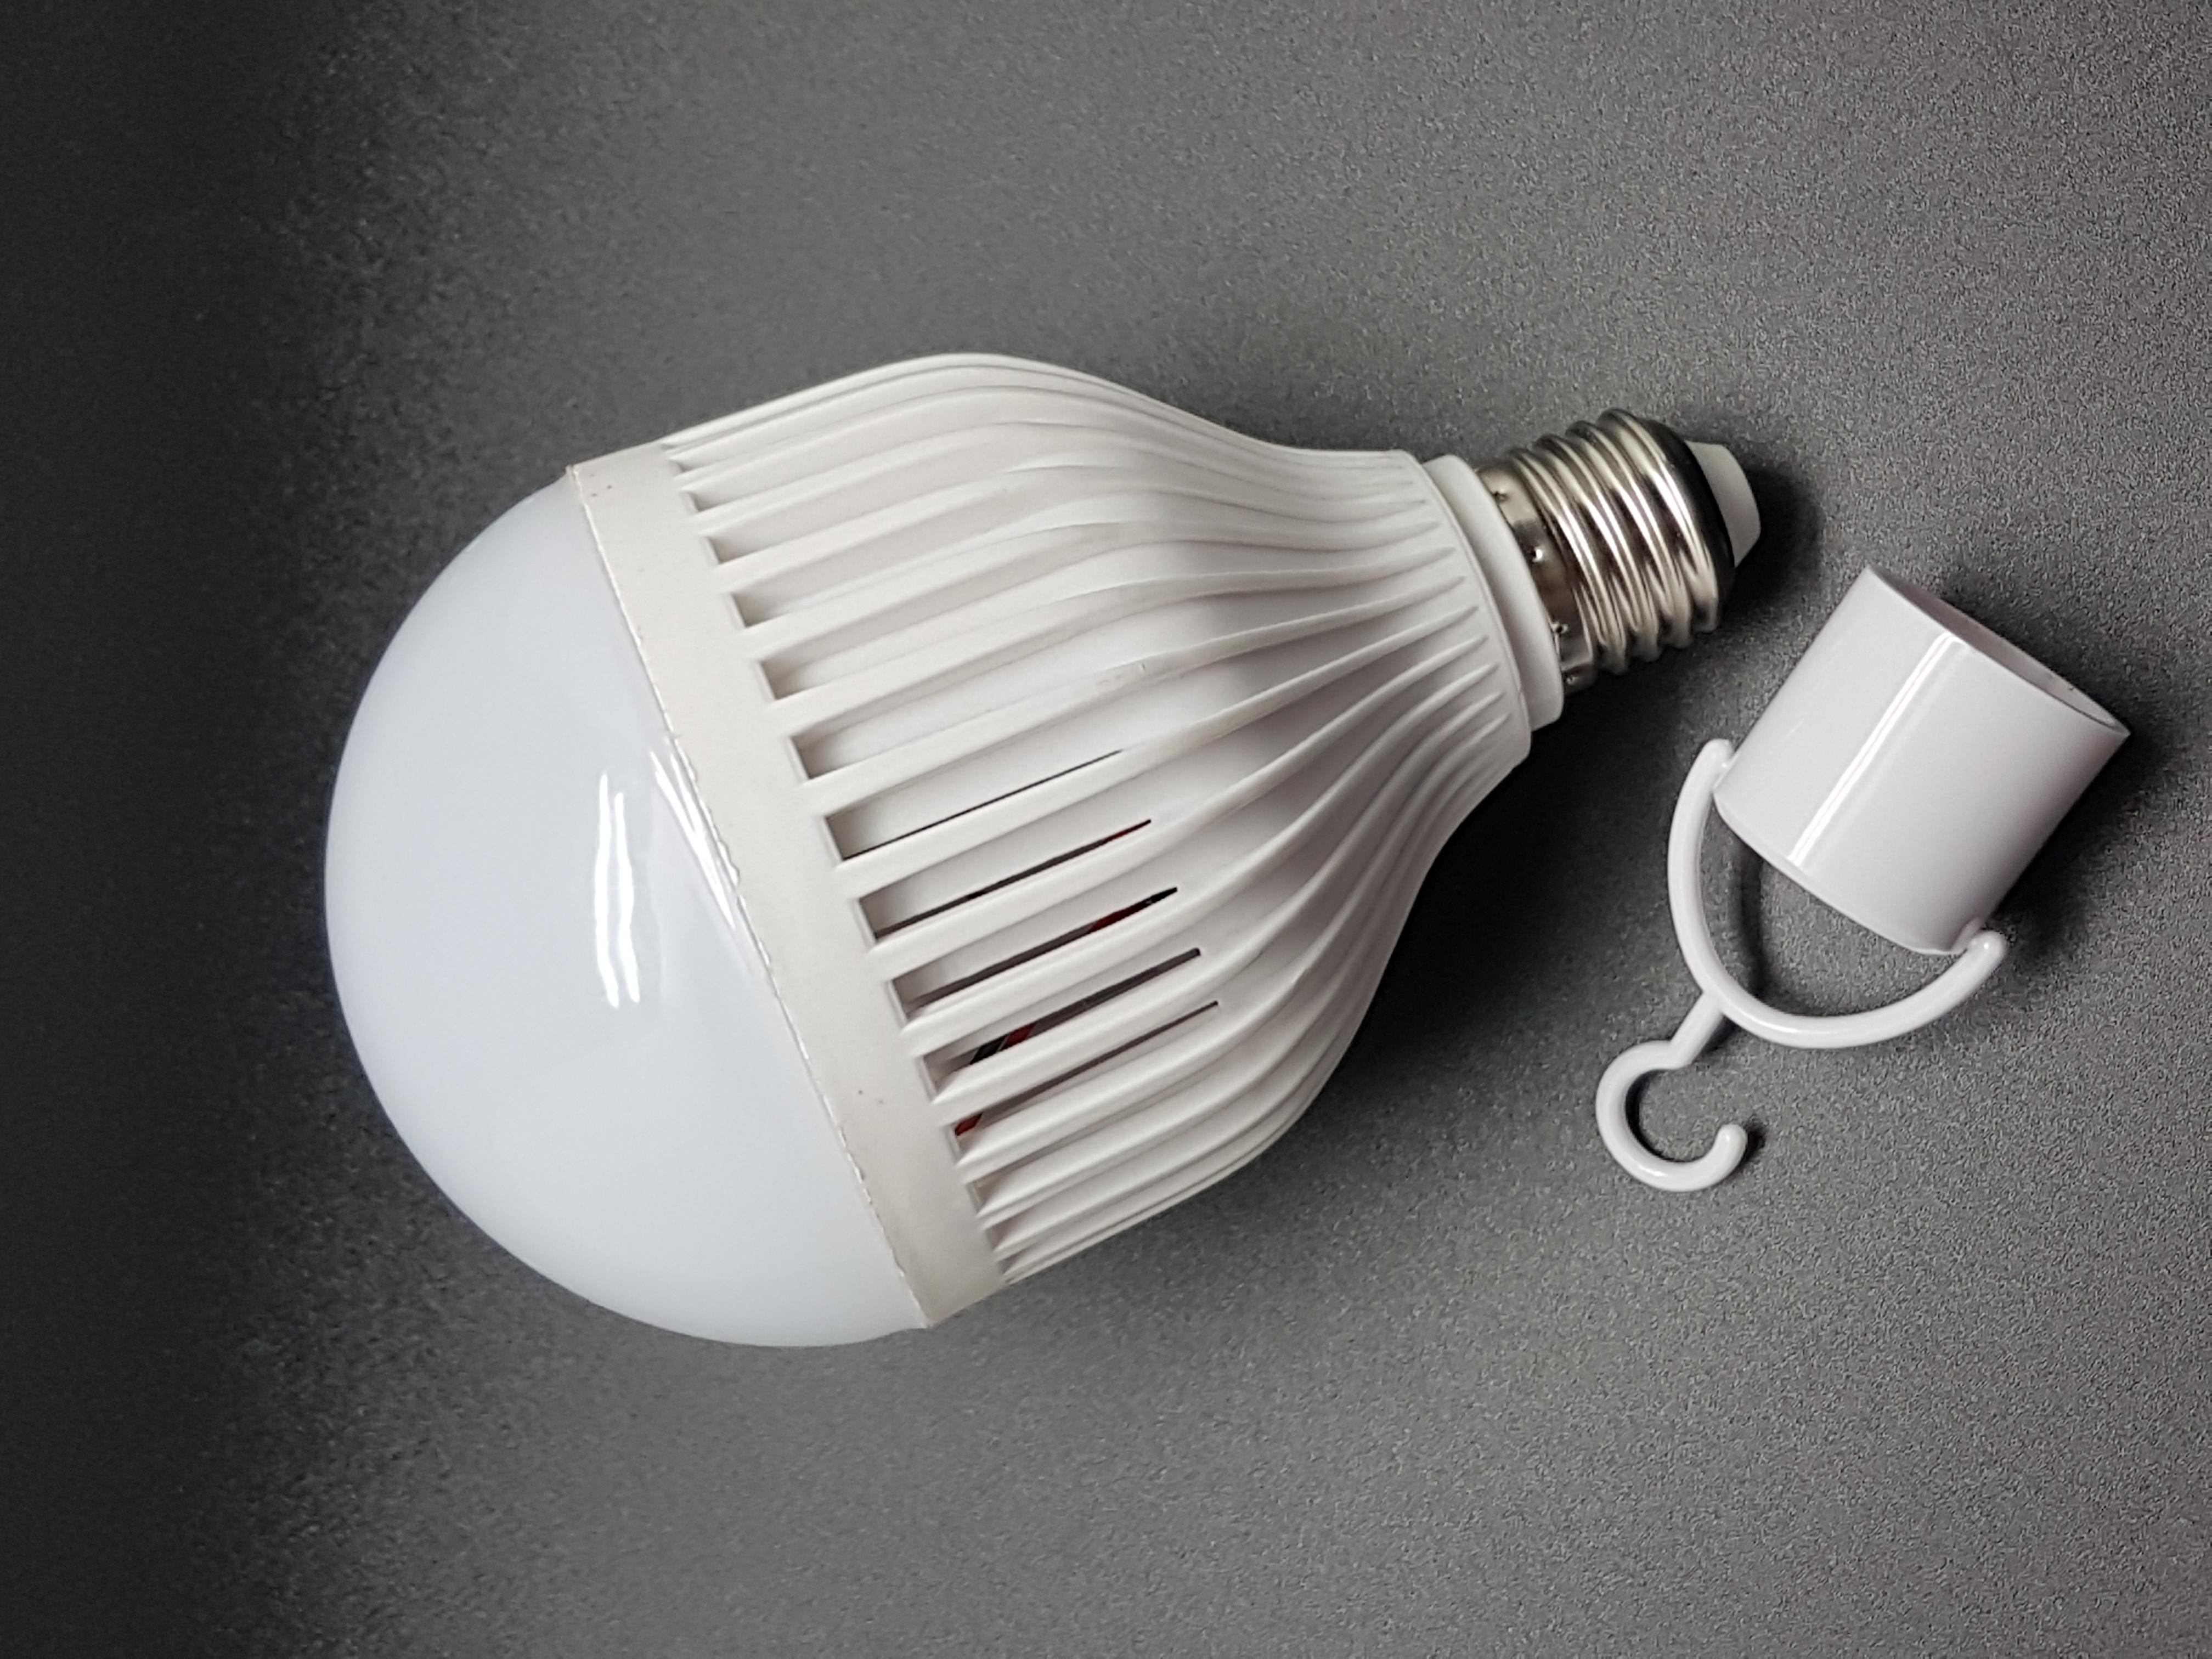 Ampoule avec son adaptateur